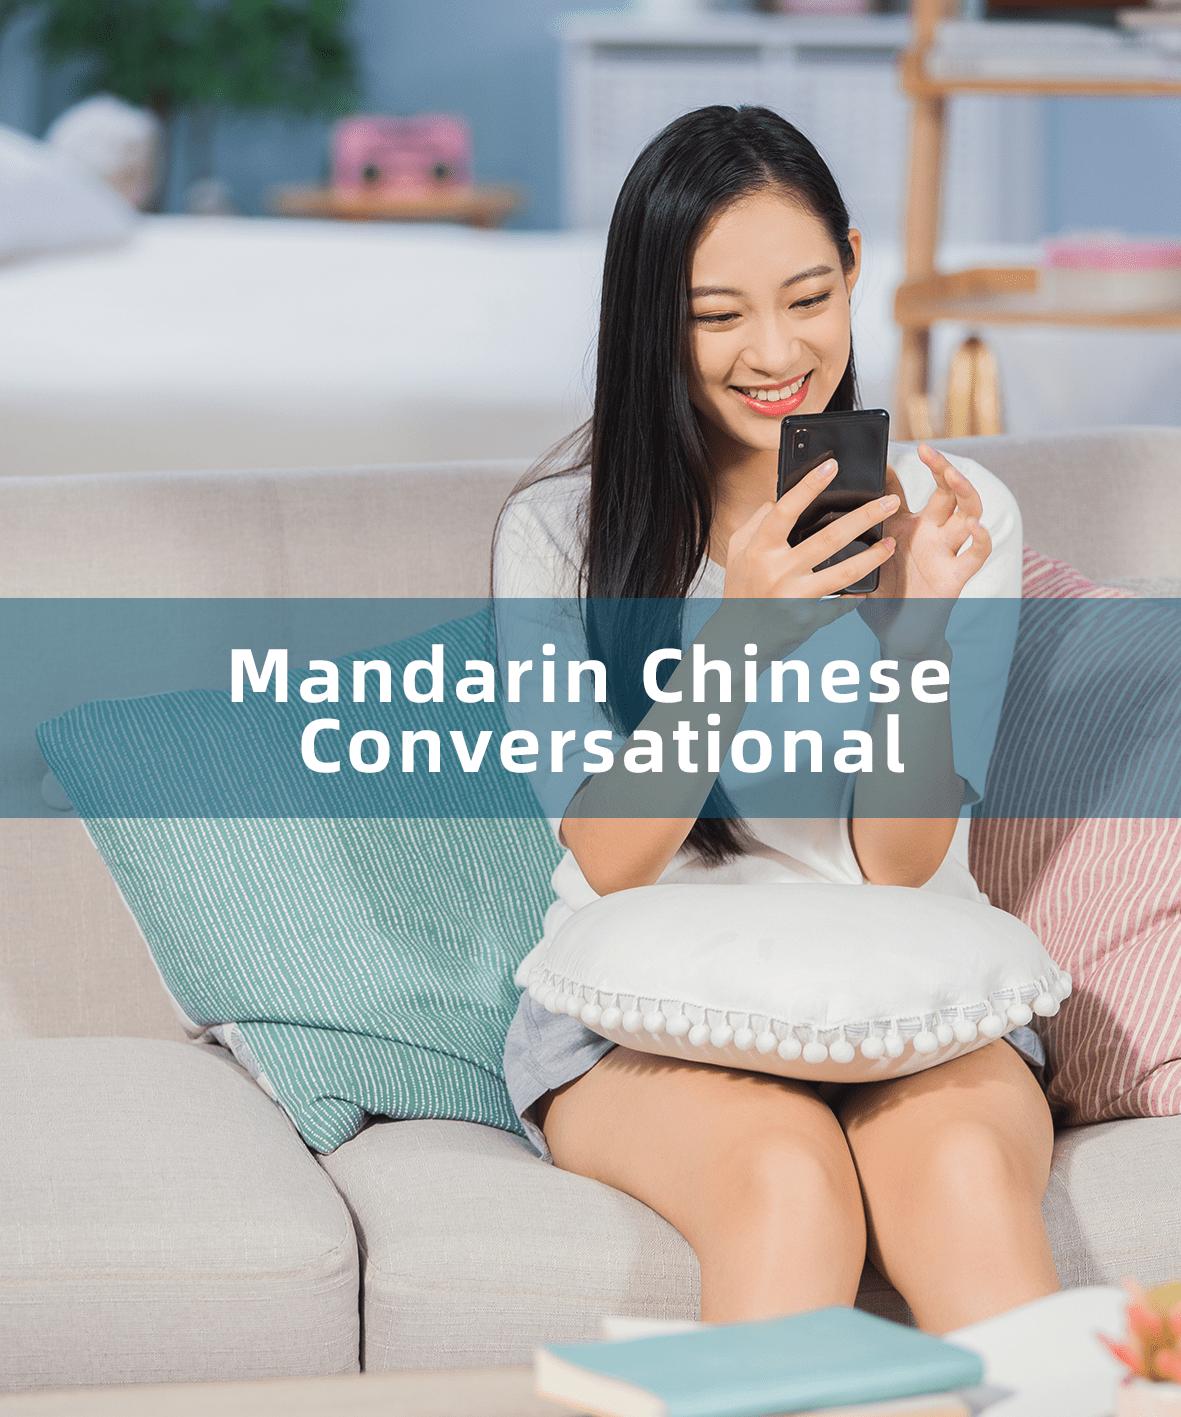 MDT-ASR-B012  Mandarin Chinese Conversational Speech Recognition Corpus